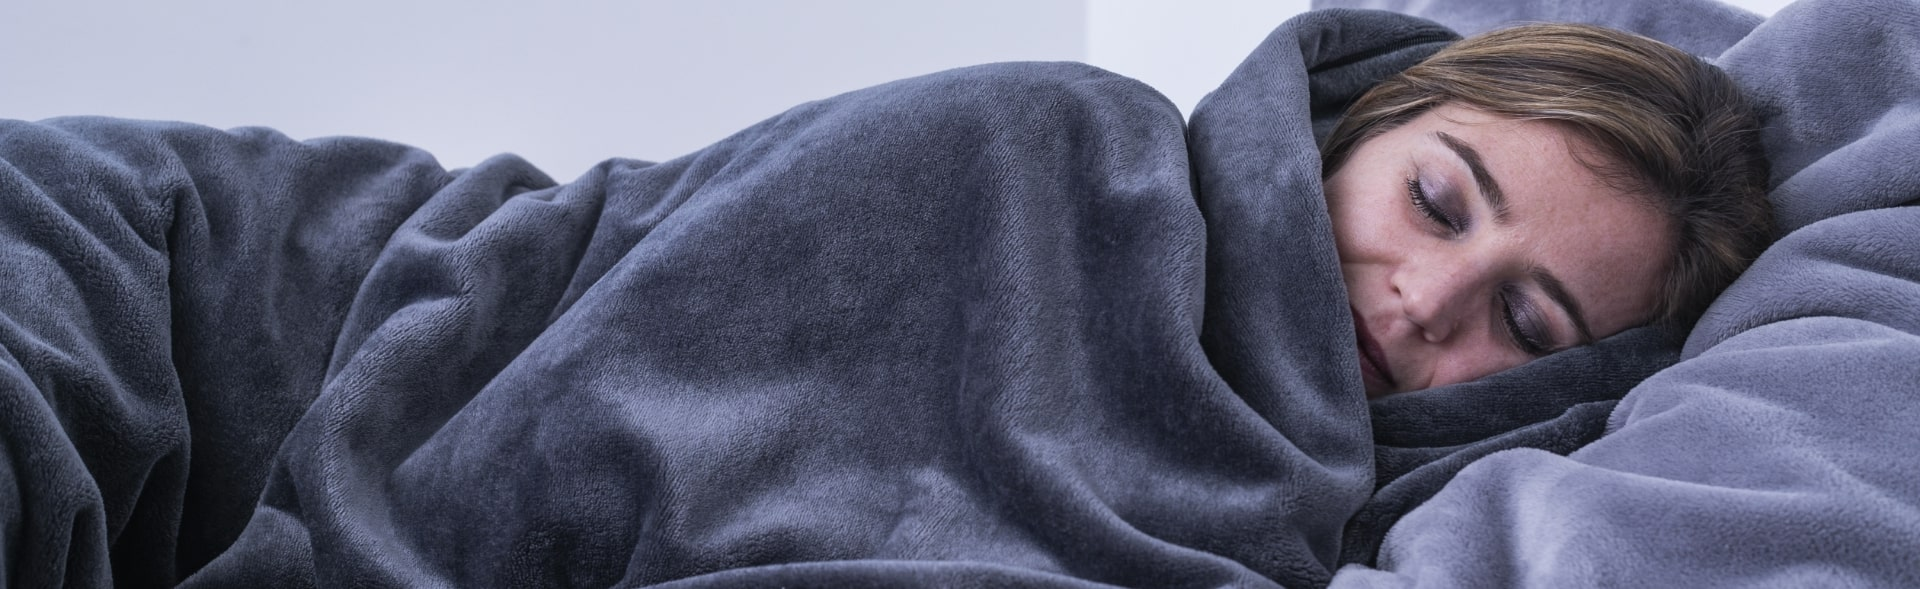 couverture lestée serenity femme qui dort